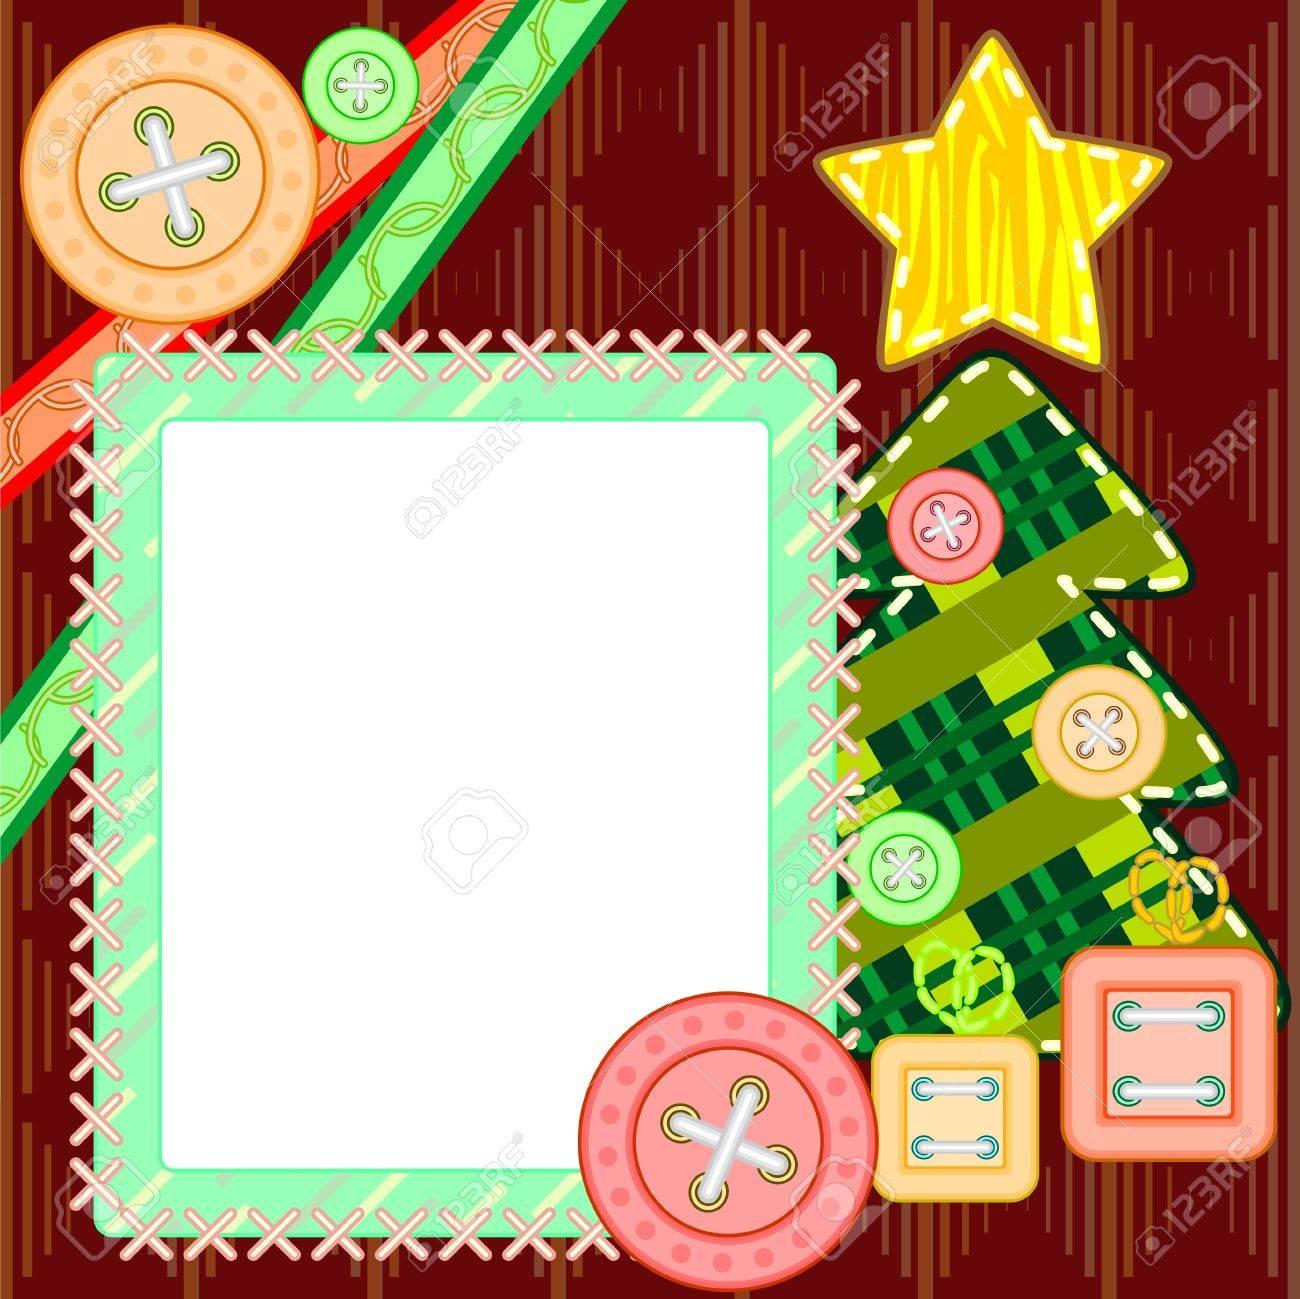 Scrapbook Template Für Silvester Oder Weihnachten Mit Tannenbaum Und ...